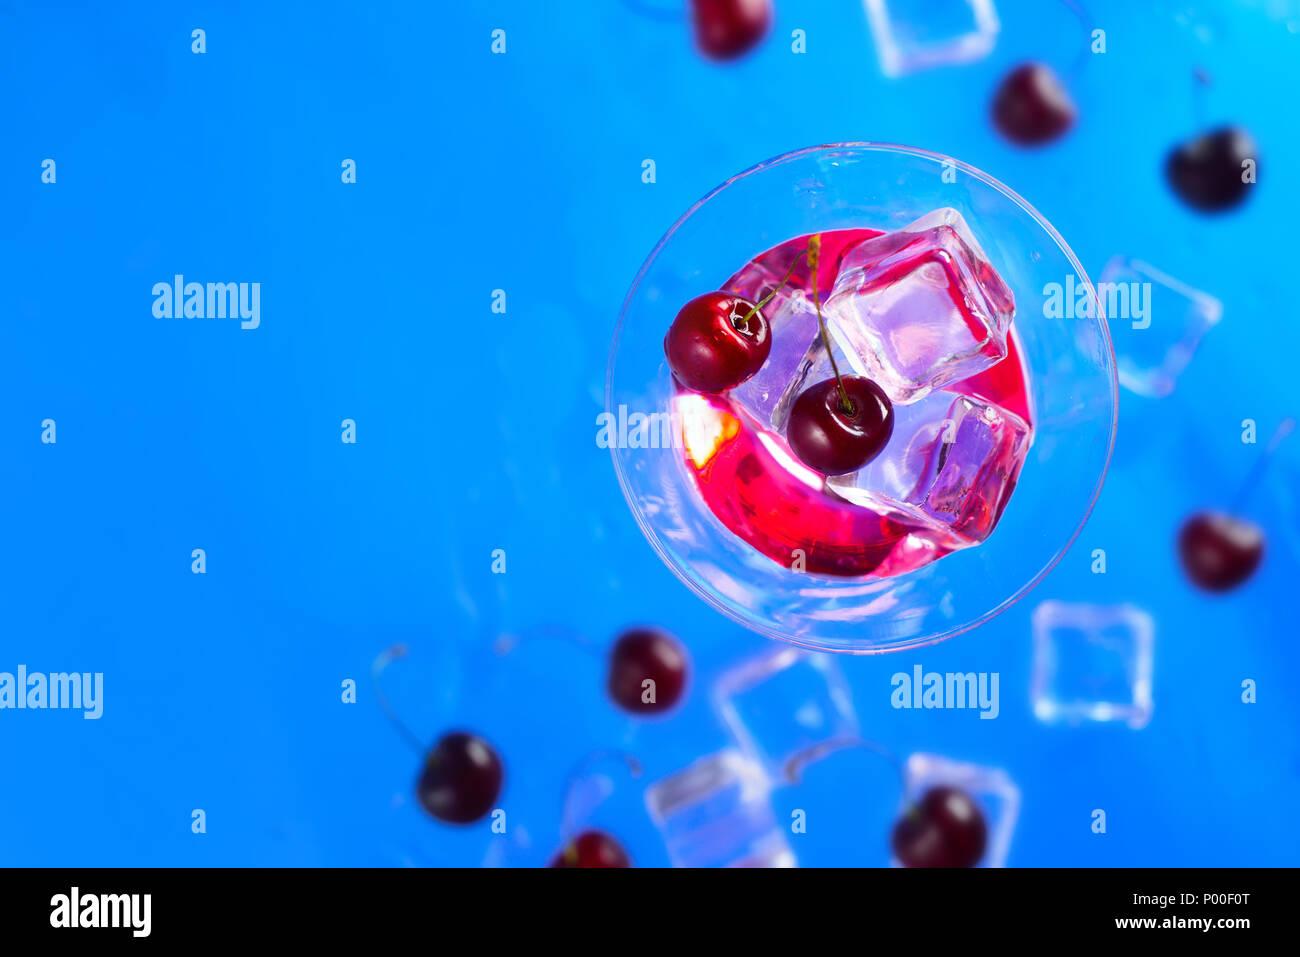 Liquore di ciliegia bicchiere da cocktail dal di sopra su uno sfondo blu. Rinfrescanti drink freddo laici piatta con spazio di copia Foto Stock